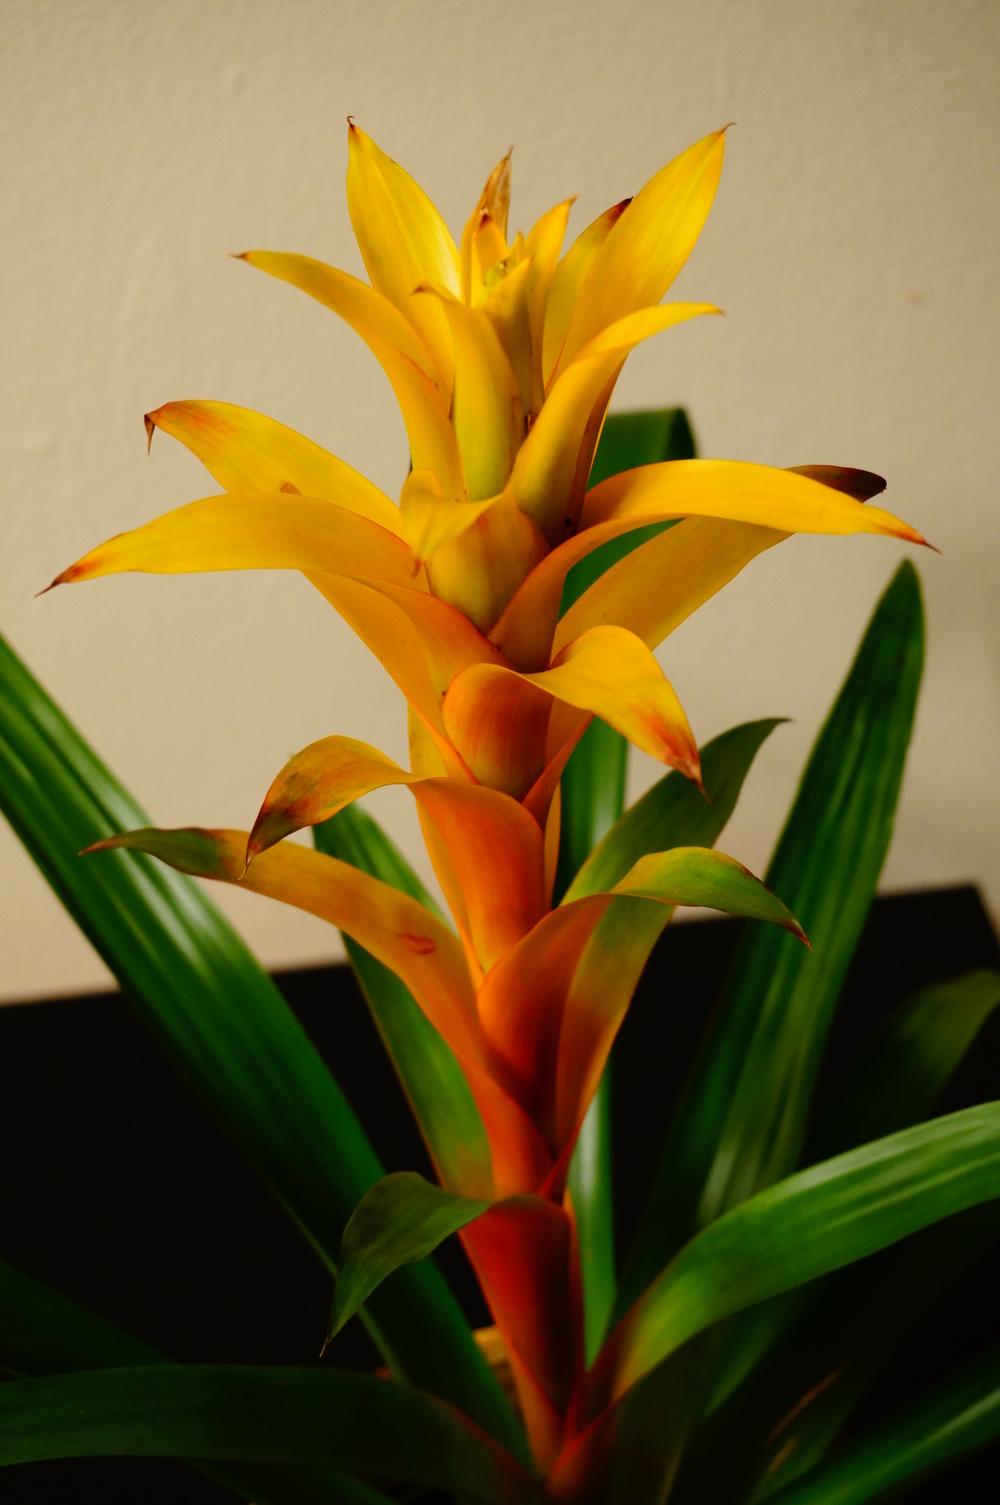 My houseplant - Bromeliad